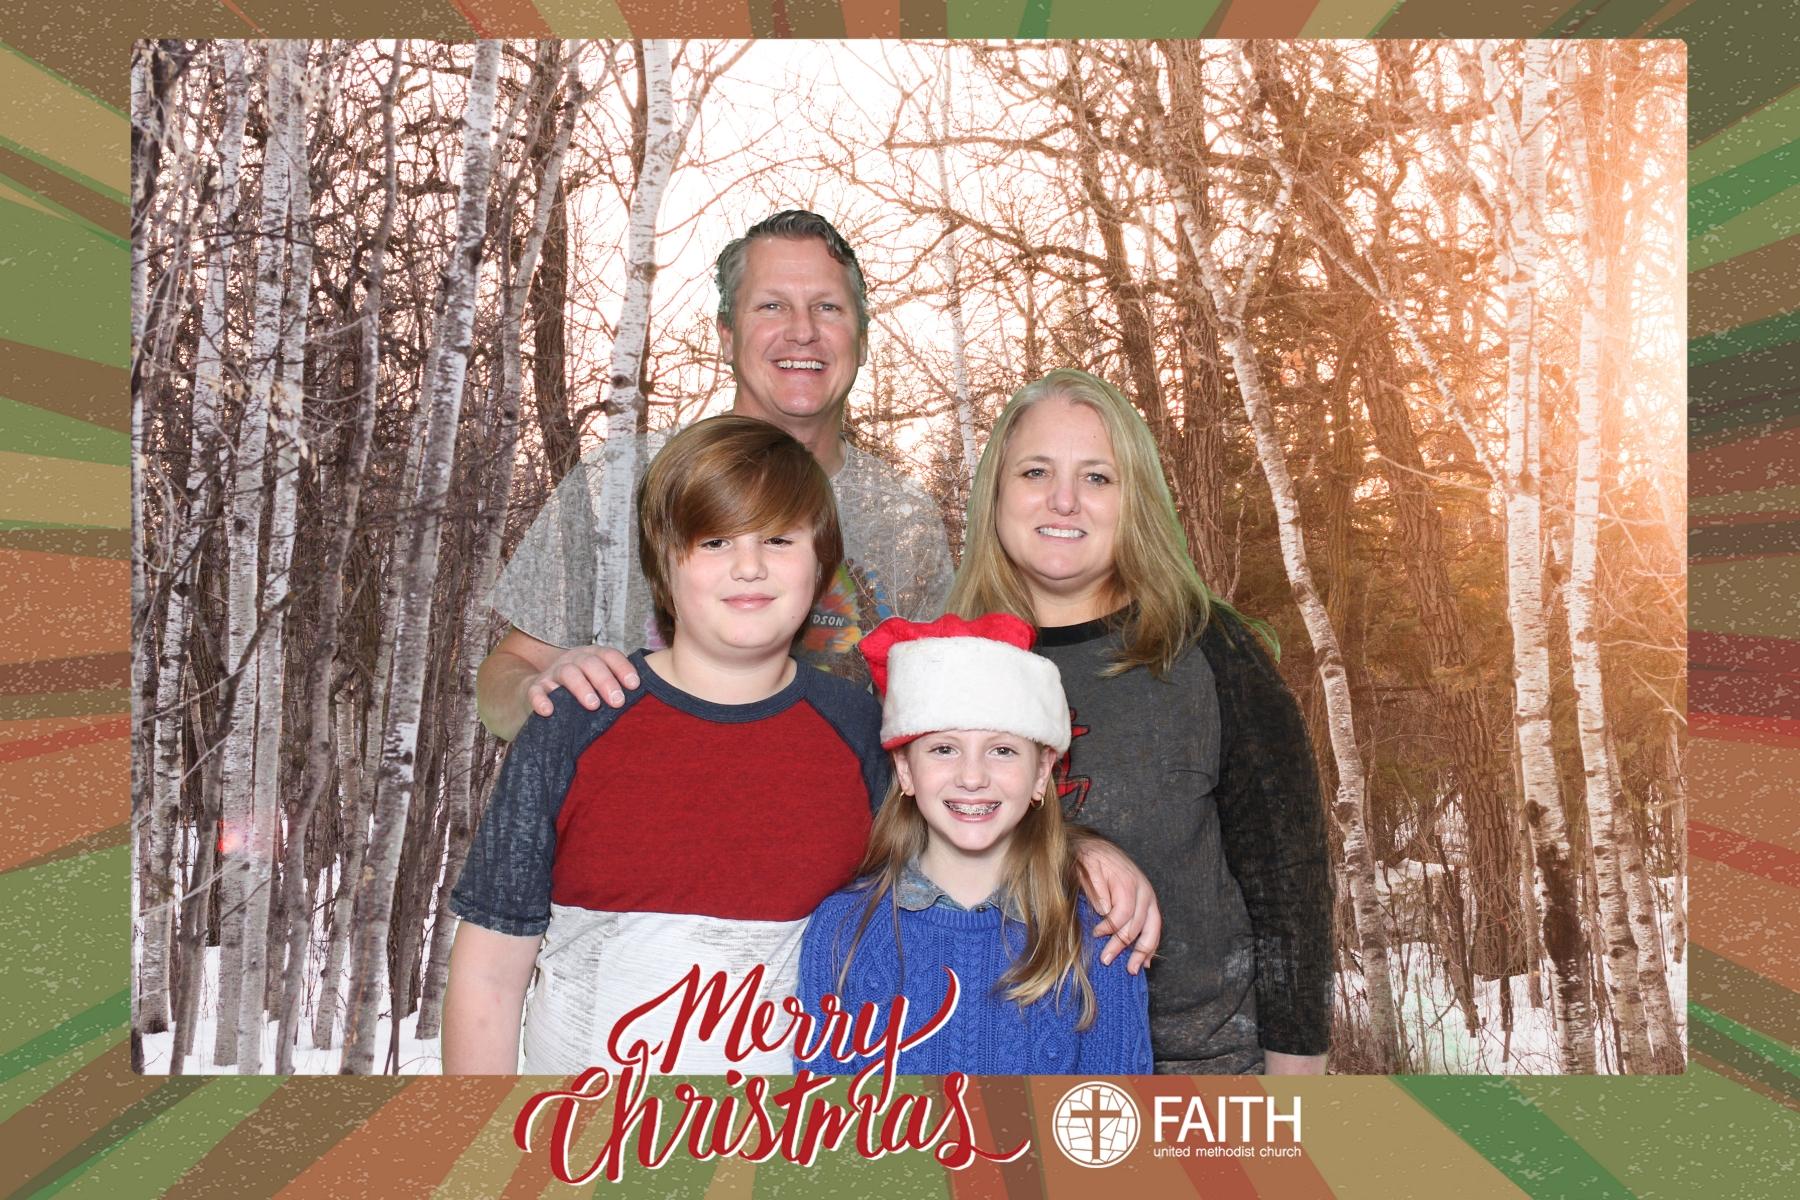 Faith2018_2018-12-24_16-56-13.jpg